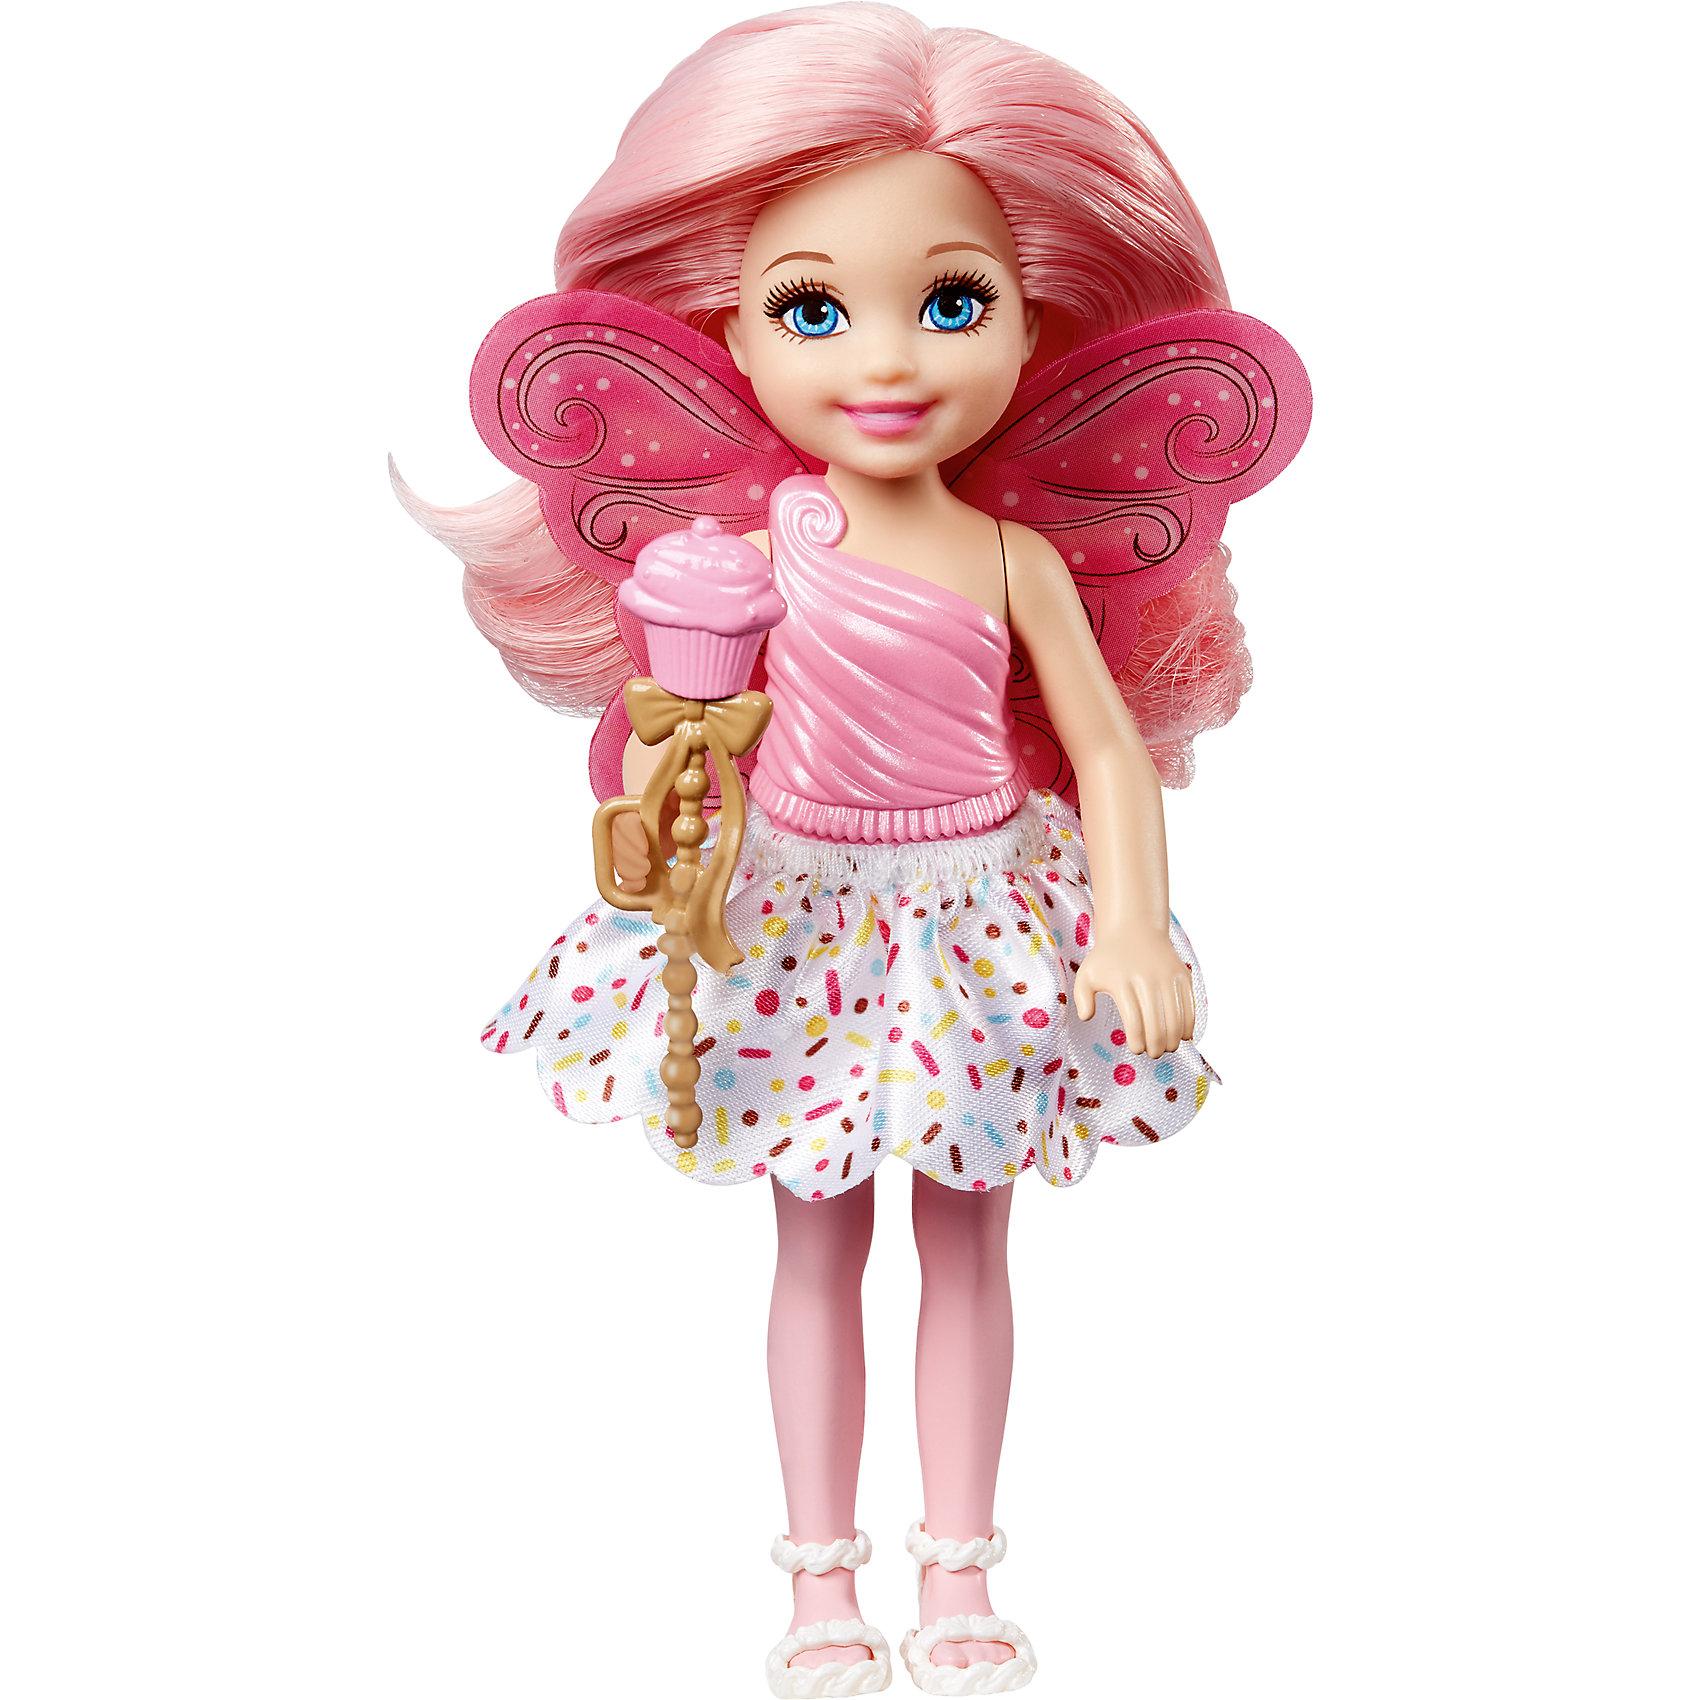 Маленькая фея-челси, BarbieBarbie<br>Характеристики товара:<br><br>• комплектация: 1 кукла<br>• материал: пластик, полимер<br>• серия: Barbie™ Dreamtopia «Сладкое Королевство»<br>• подвижные руки<br>• возраст: от трех лет<br>• размер упаковки: 10,5x18x4 см<br>• вес: 0,3 кг<br>• страна бренда: США<br><br>Маленьких любительниц куклы Barbie наверняка порадует малышка Челси в образе волшебной феи. Она выглядит очаровательно в ярком наряде и с небольшими крылышками. Длинные волосы позволяют делать разнообразные прически! Эта Челси станет великолепным подарком для девочек!<br><br>Игры с куклами помогают развить у девочек вкус и чувство стиля, отработать сценарии поведения в обществе, развить воображение и мелкую моторику. Такую куклу удобно брать с собой в поездки и на прогулки. Маленькая Челси от бренда Mattel не перестает быть популярной! <br><br>Куклу Маленькая фея-челси, Barbie, из серии Dreamtopia «Сладкое Королевство» от компании Mattel можно купить в нашем интернет-магазине.<br><br>Ширина мм: 100<br>Глубина мм: 40<br>Высота мм: 180<br>Вес г: 88<br>Возраст от месяцев: 36<br>Возраст до месяцев: 120<br>Пол: Женский<br>Возраст: Детский<br>SKU: 5430585